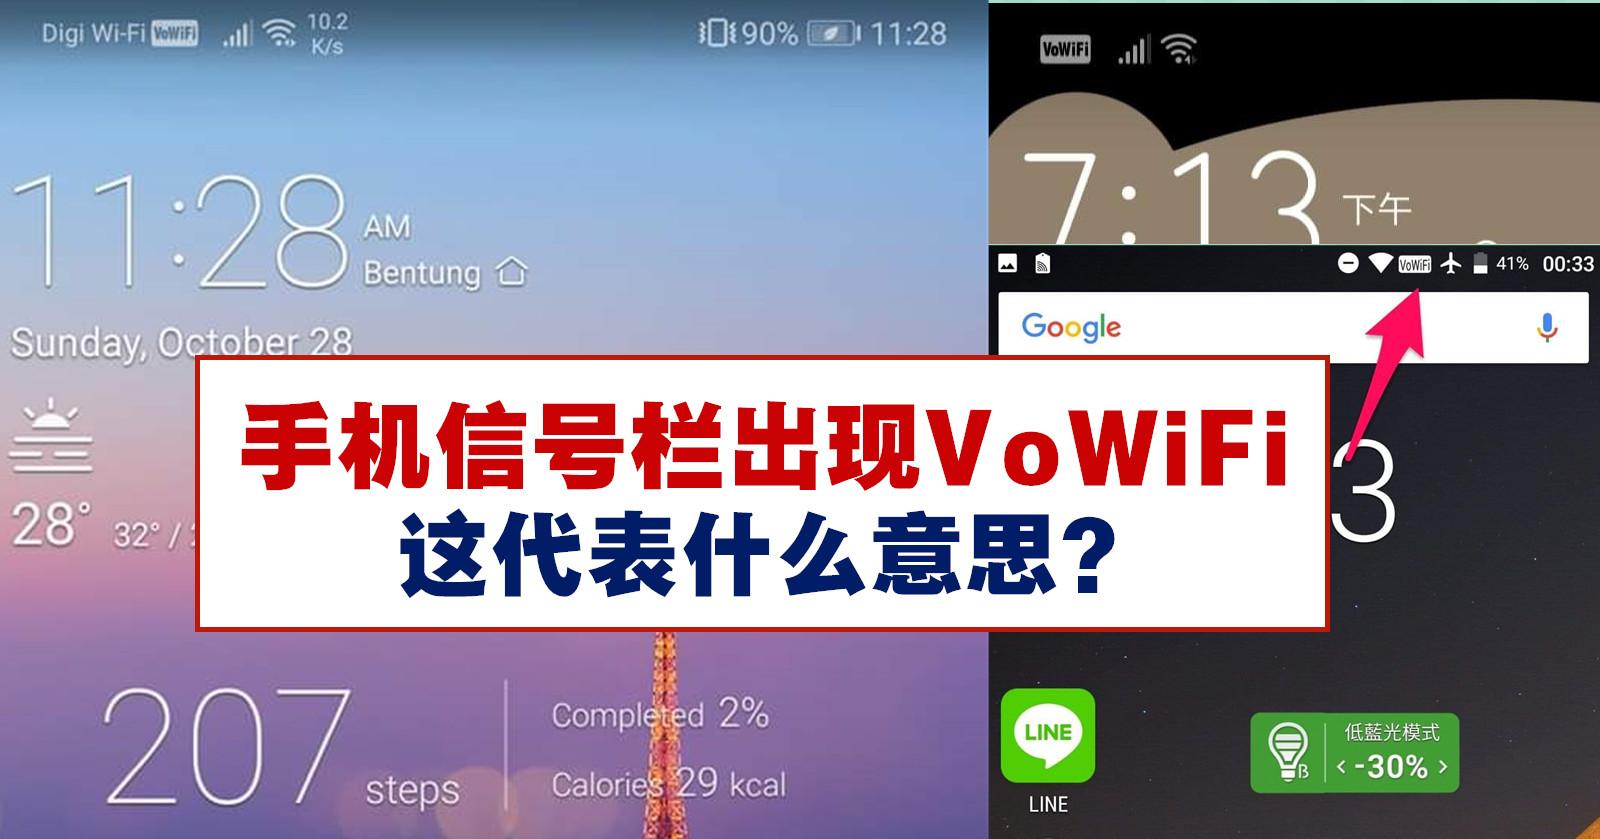 手机信号栏出现VoWiFi,这代表什么意思?